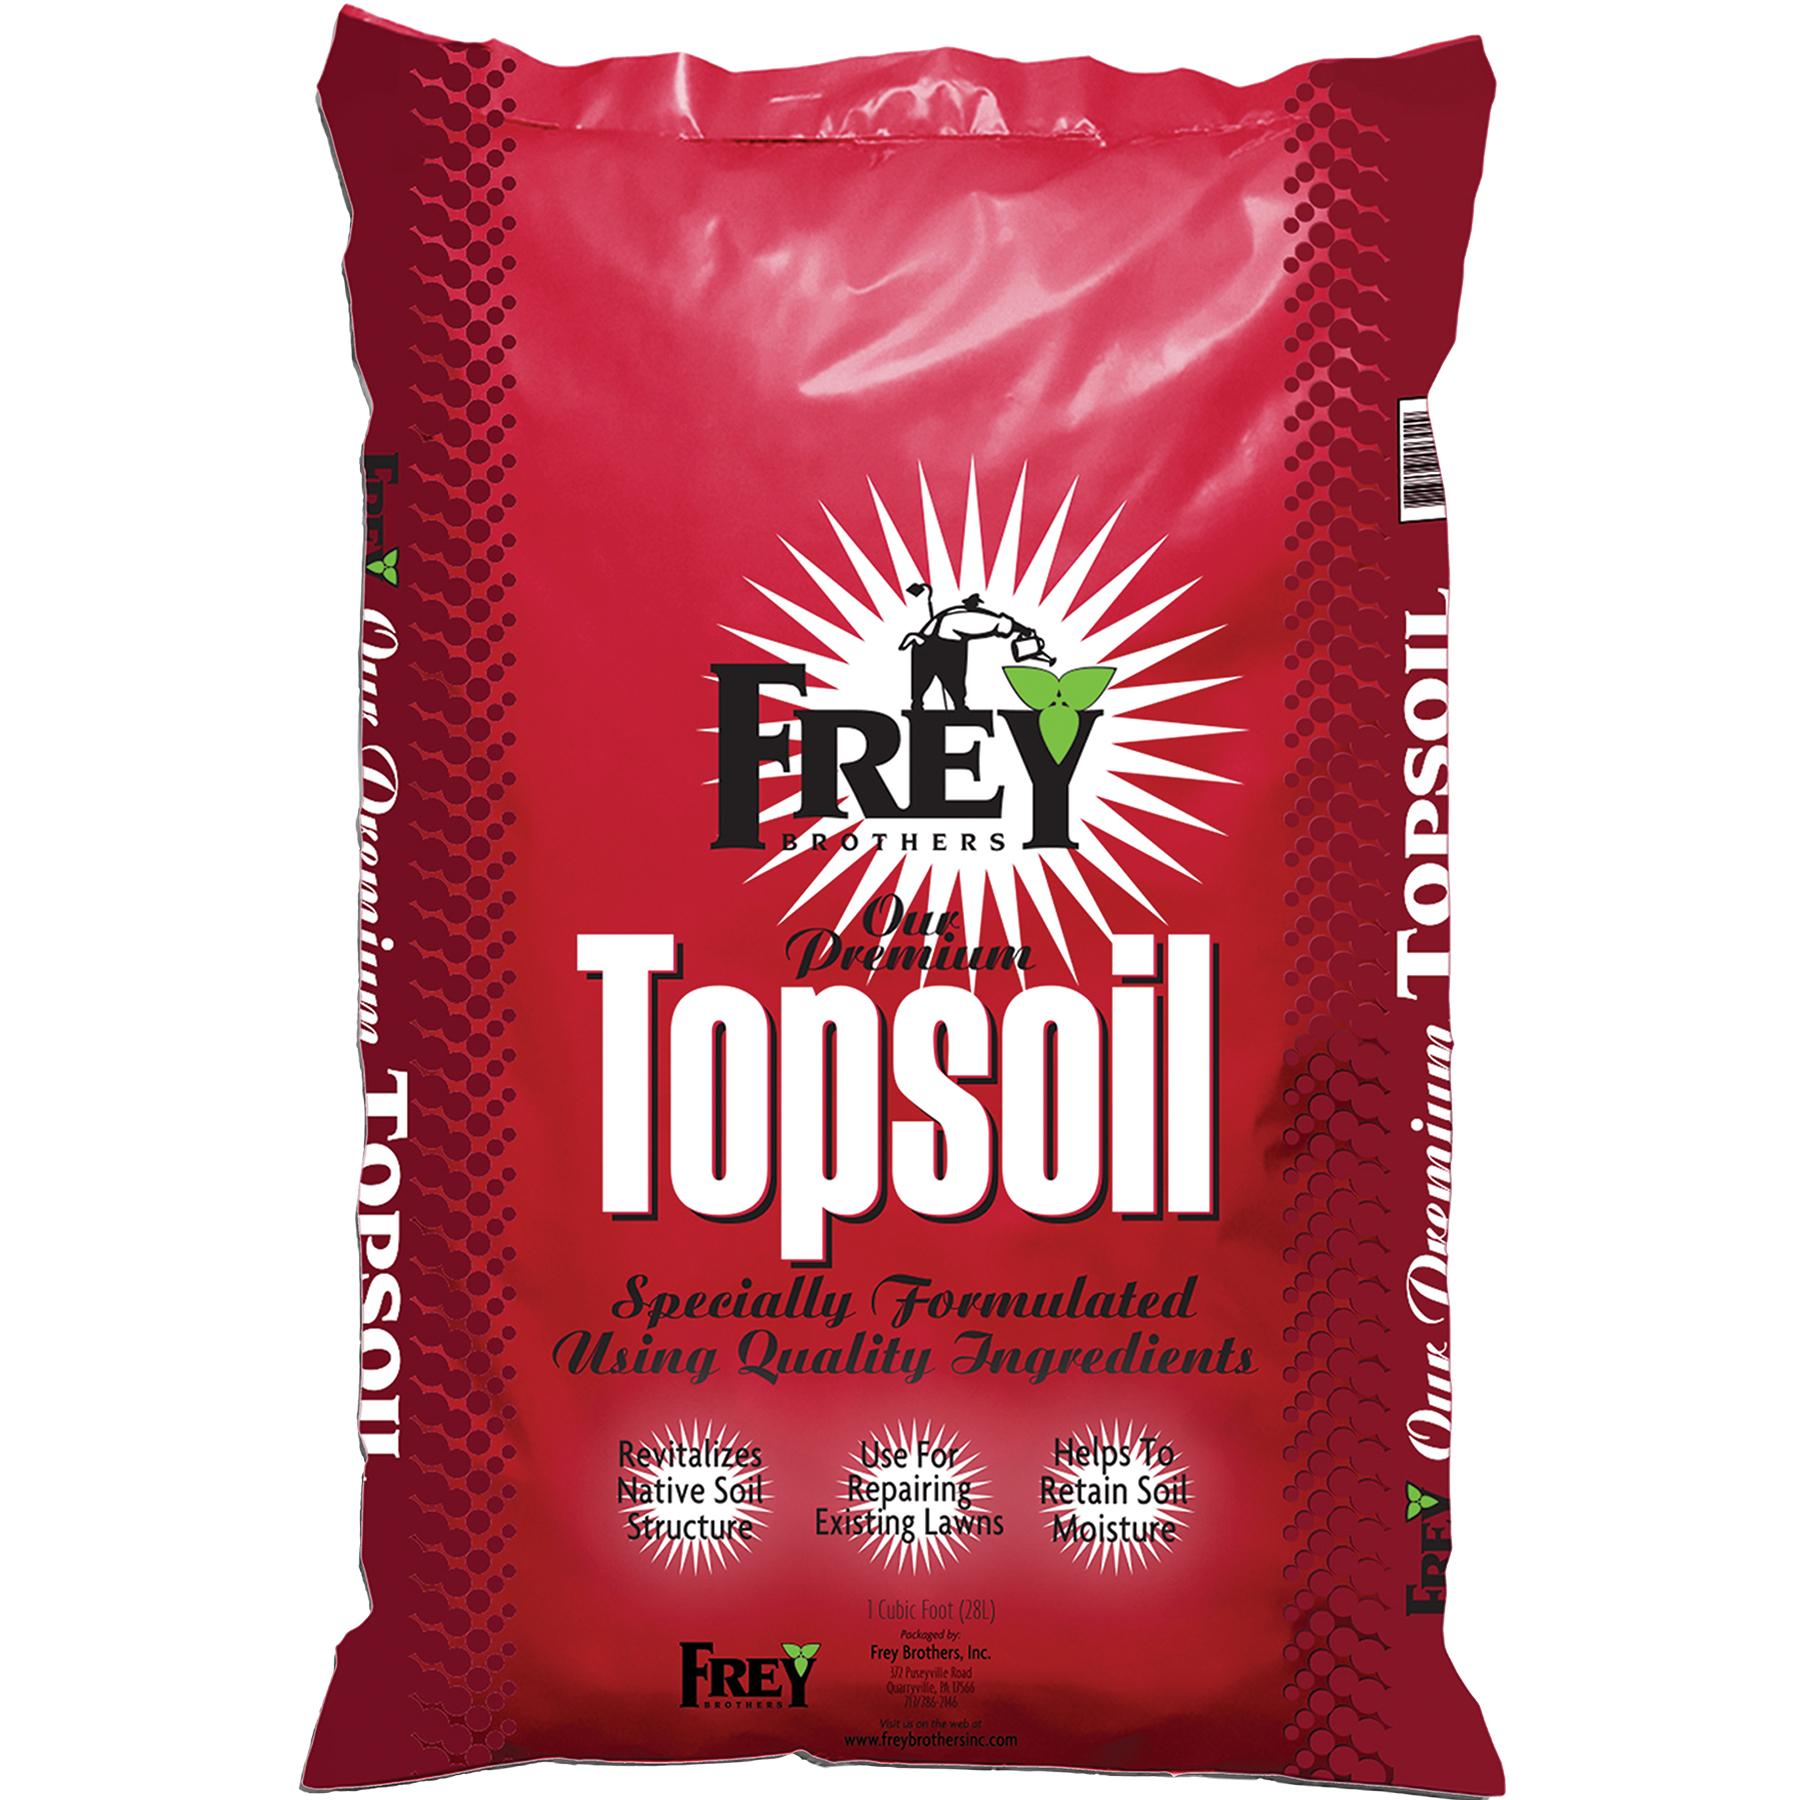 Top Soil Bags